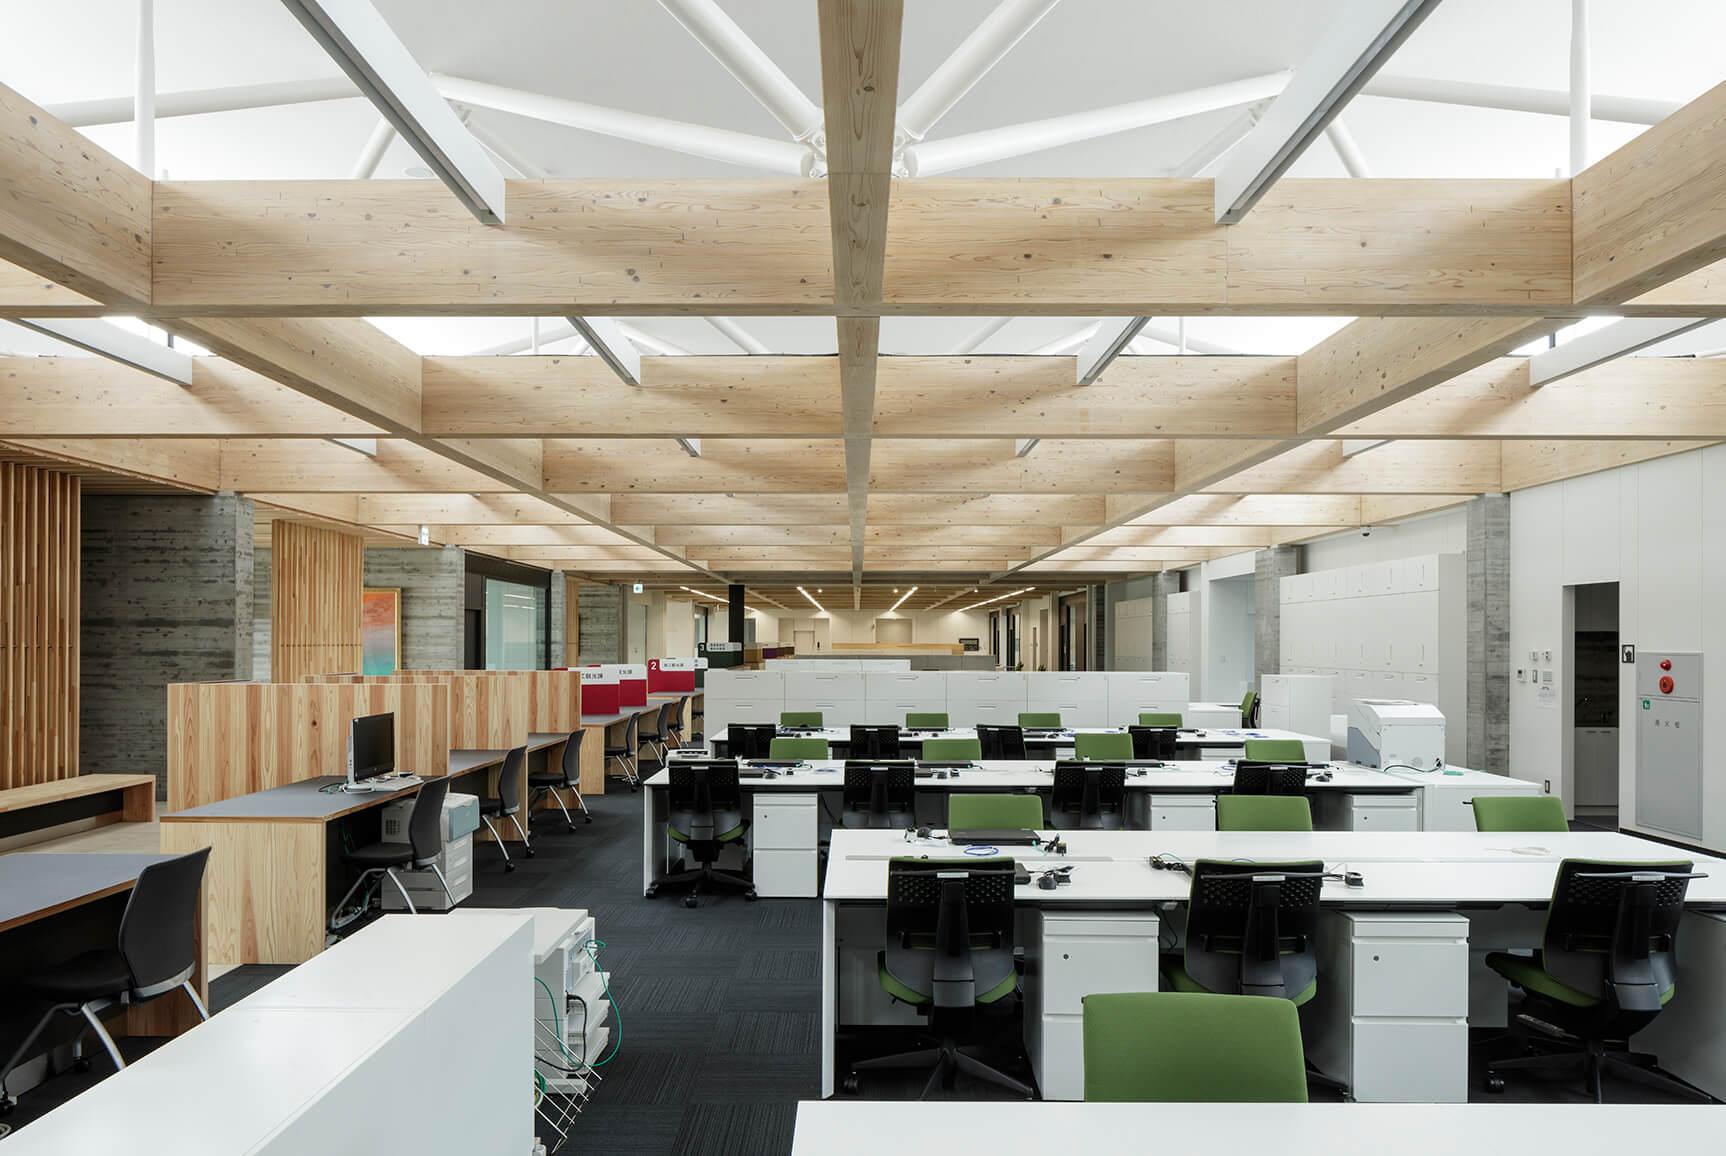 木造建築の施工事例:南三陸町役場庁舎 6枚目